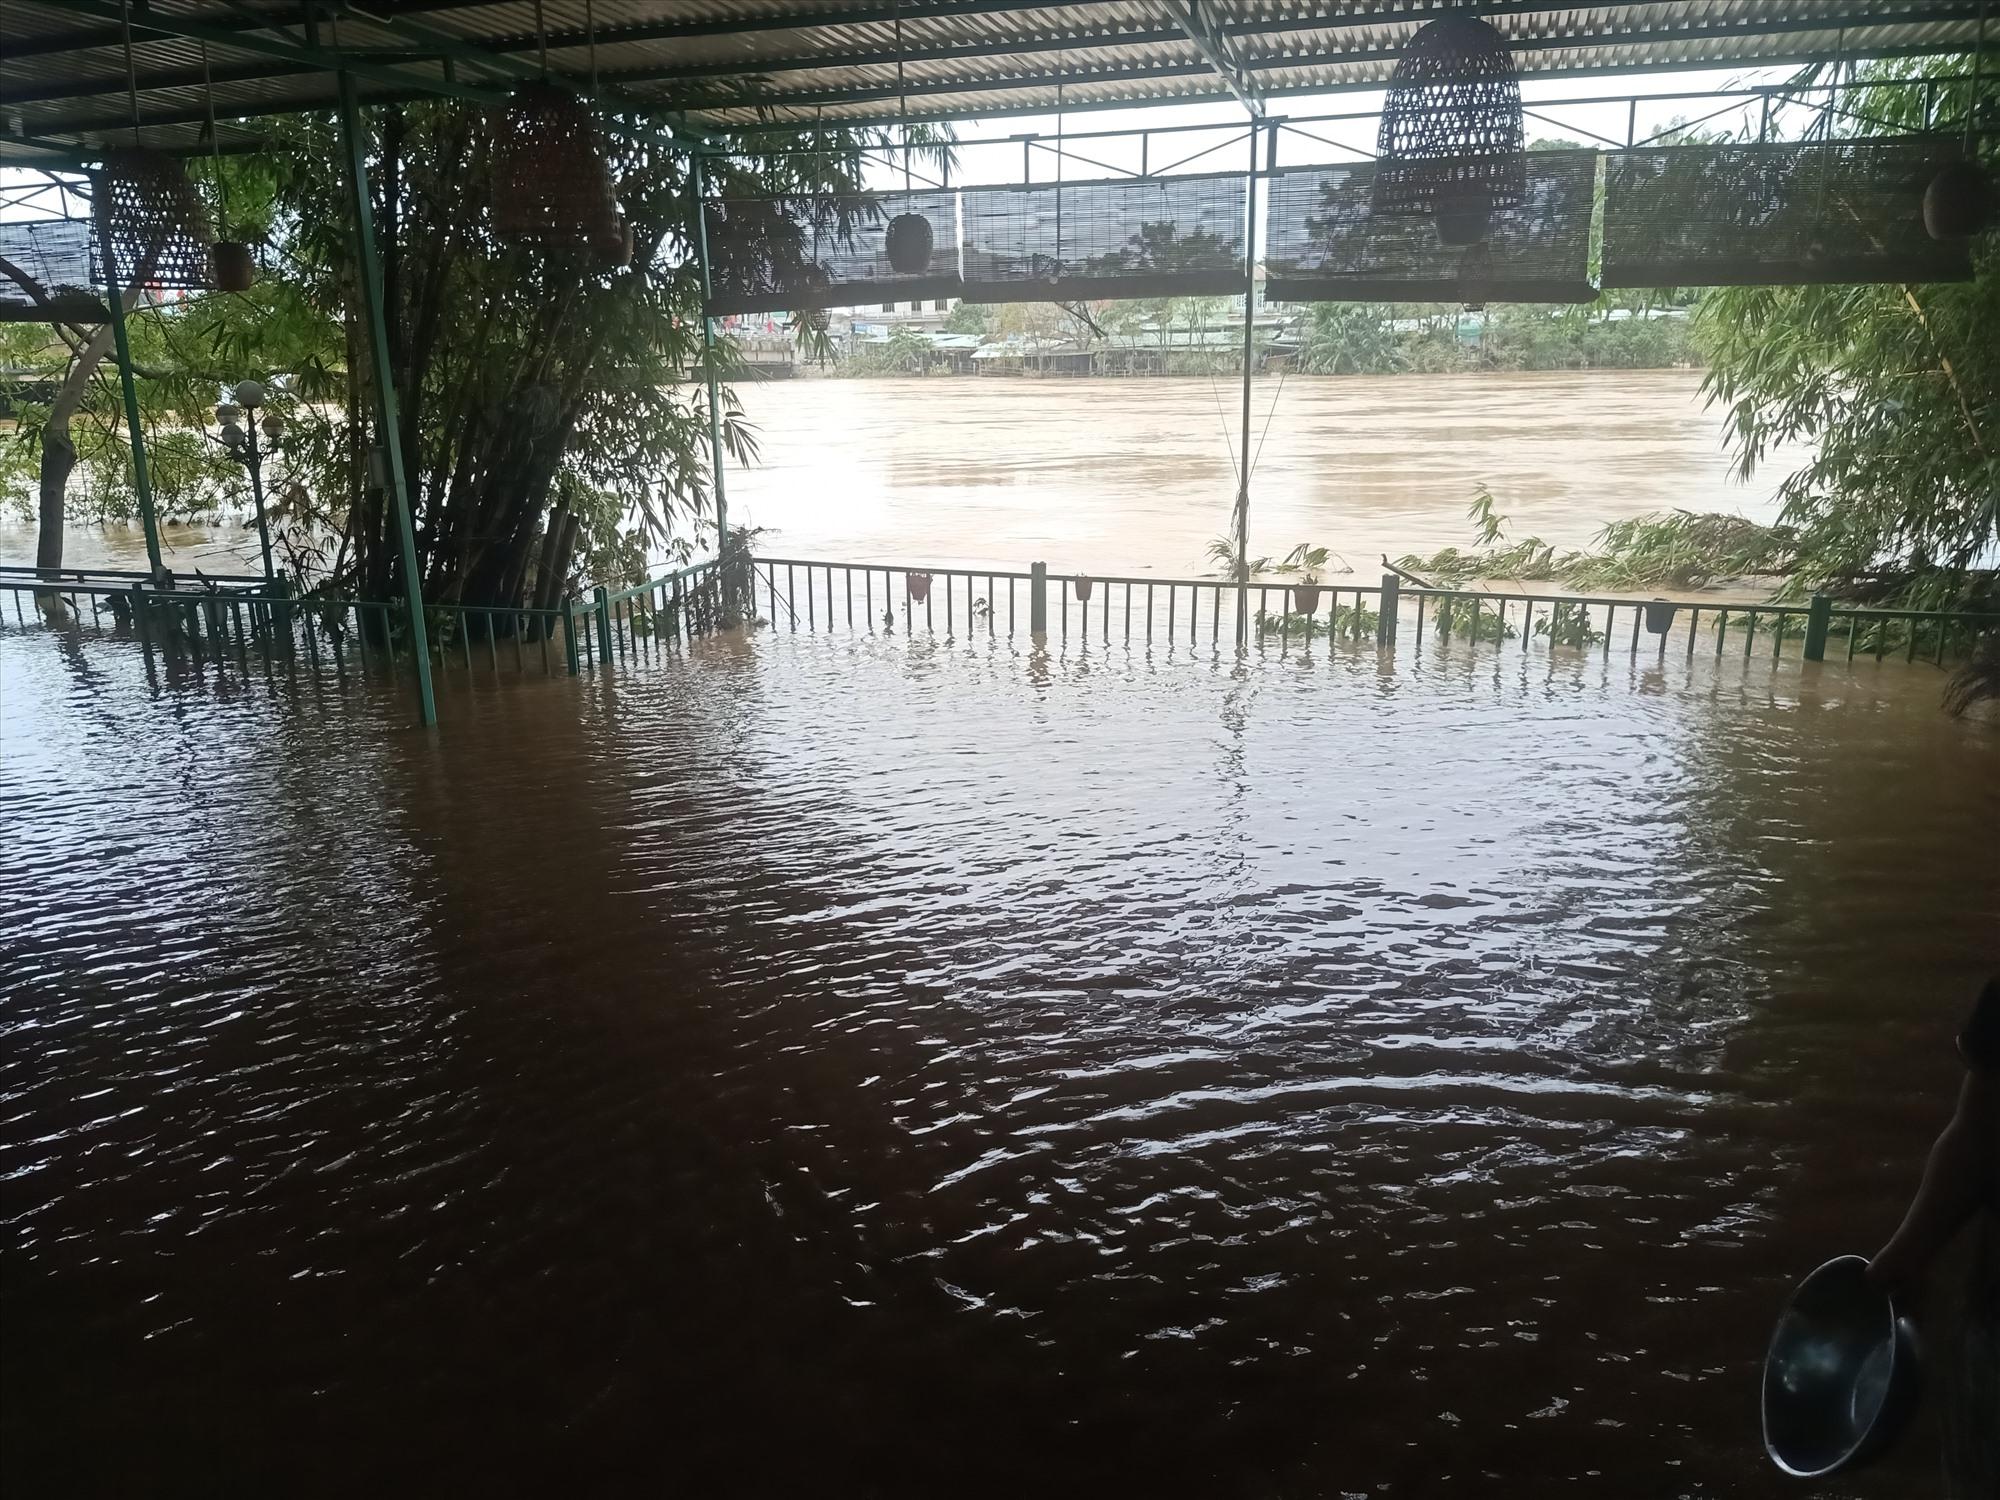 Nước đã tràn lên quán cà phê sát sông Vu Gia tại Ái Nghĩa. Ảnh: HOÀNG LIÊN